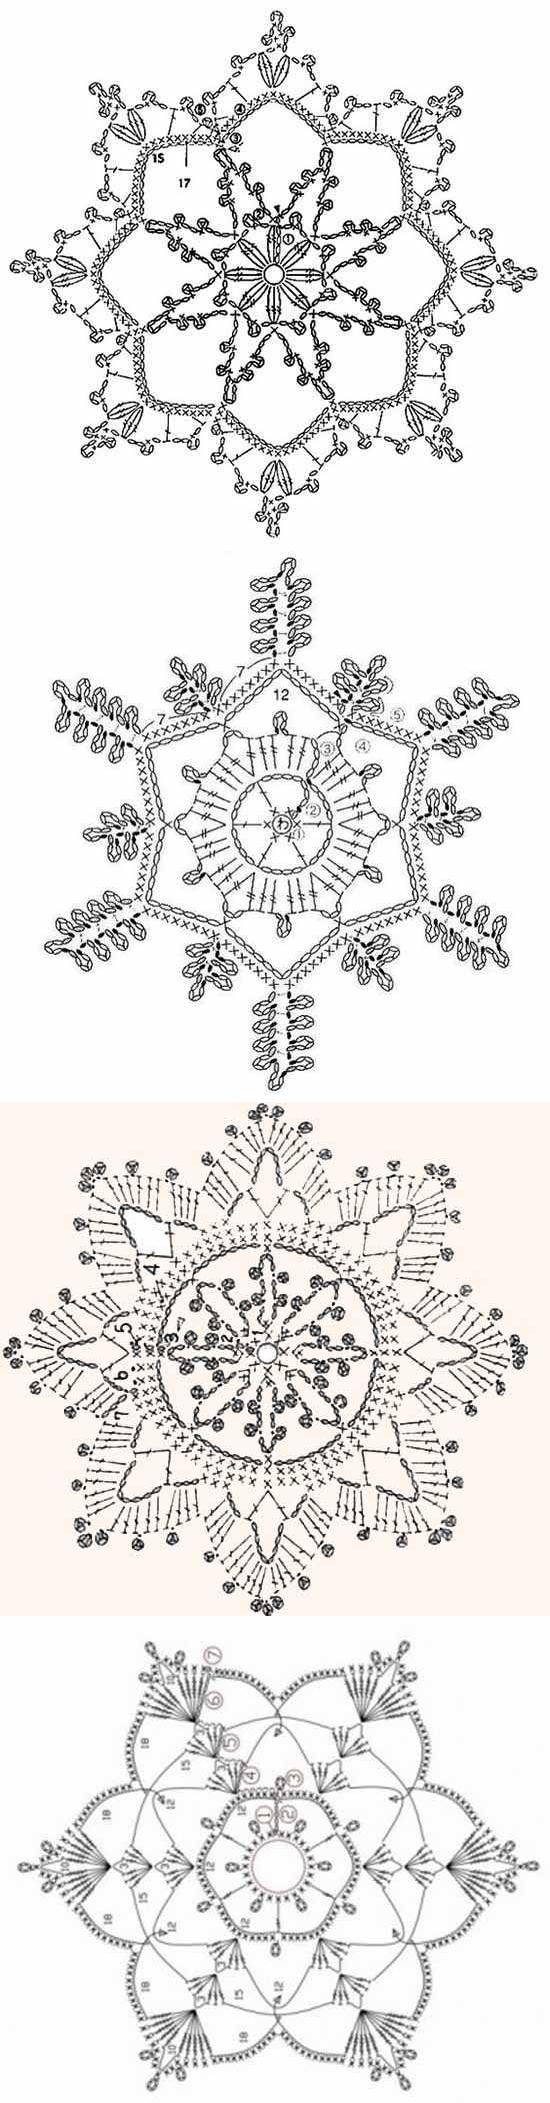 Сложные снежинки крючком схемы с описанием. вязание крючком снежинок